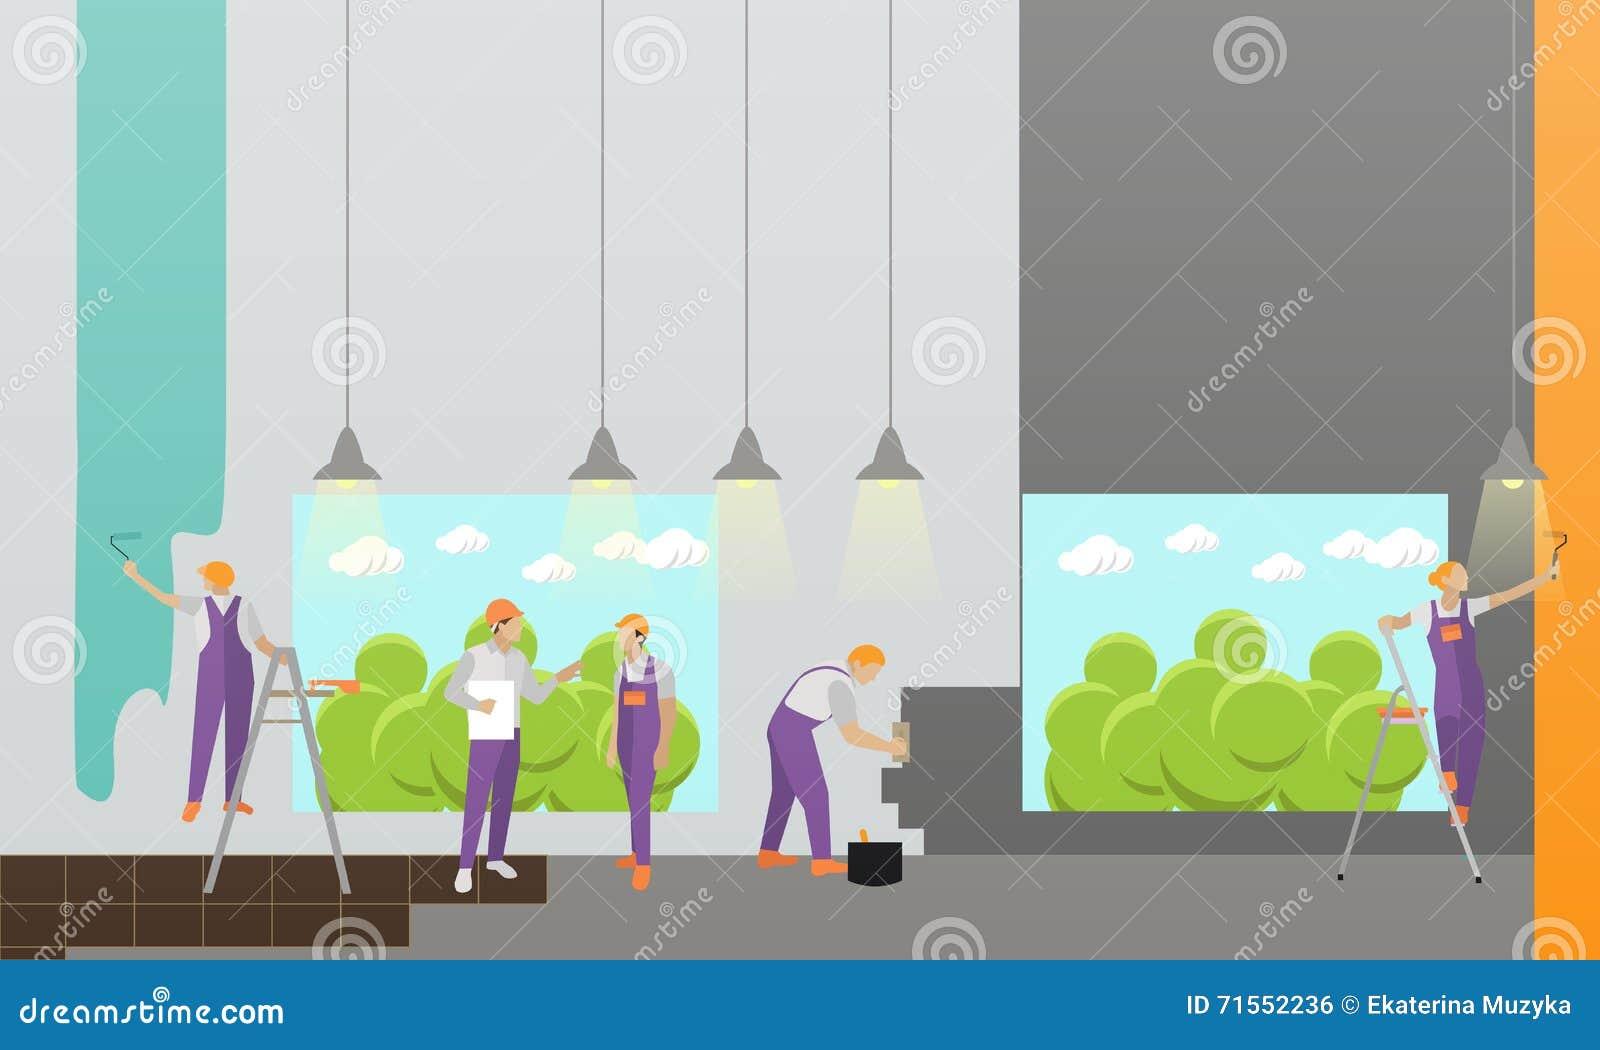 Domowy wnętrza i pokoju remontowy wektorowy sztandar Pracownicy robią odświeżaniu w mieszkaniu Budować w budowie